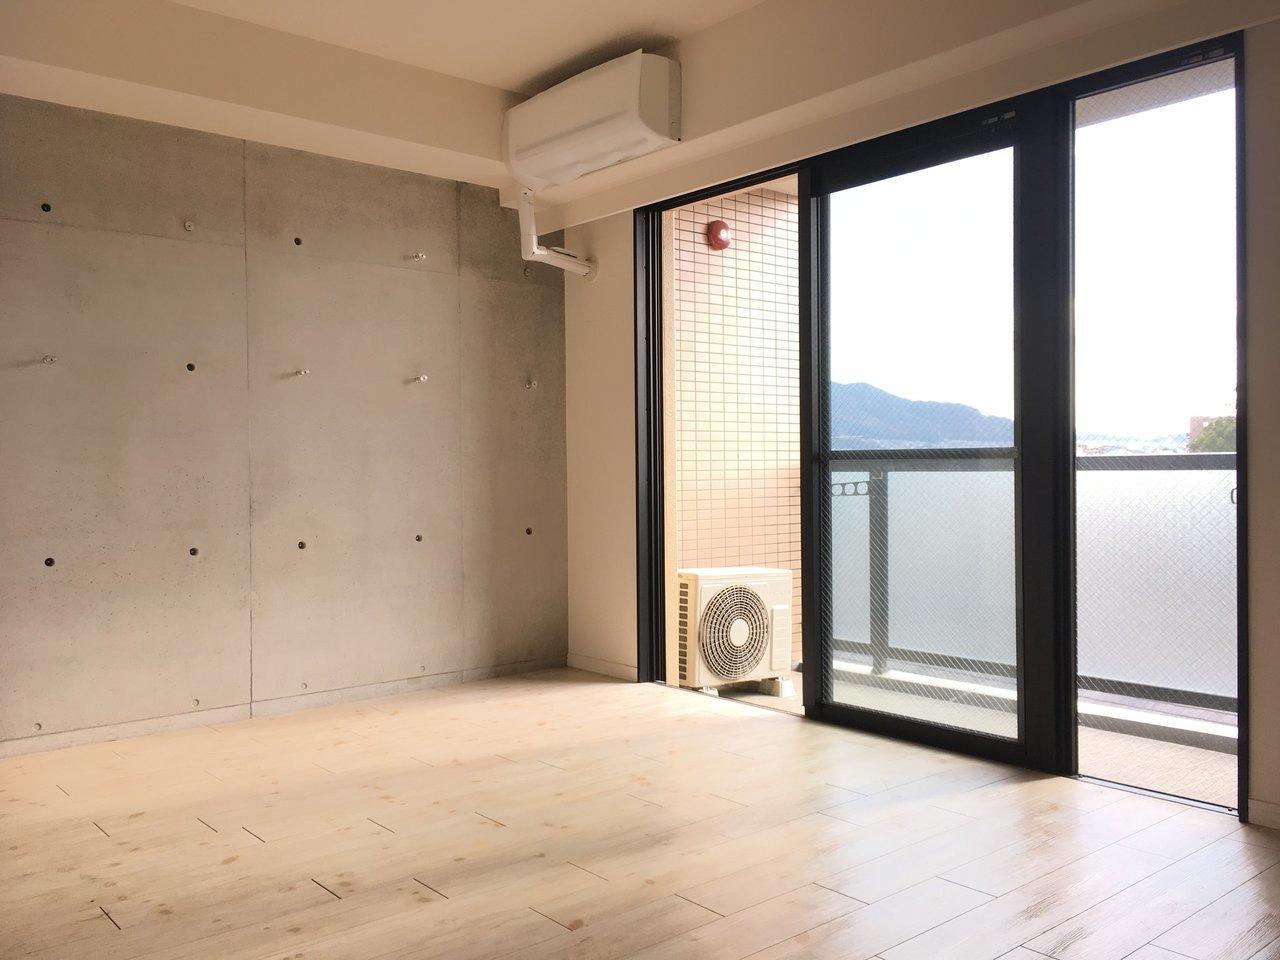 コンクリ打ちっ放しの壁と、大きめの窓が特徴のお部屋です。